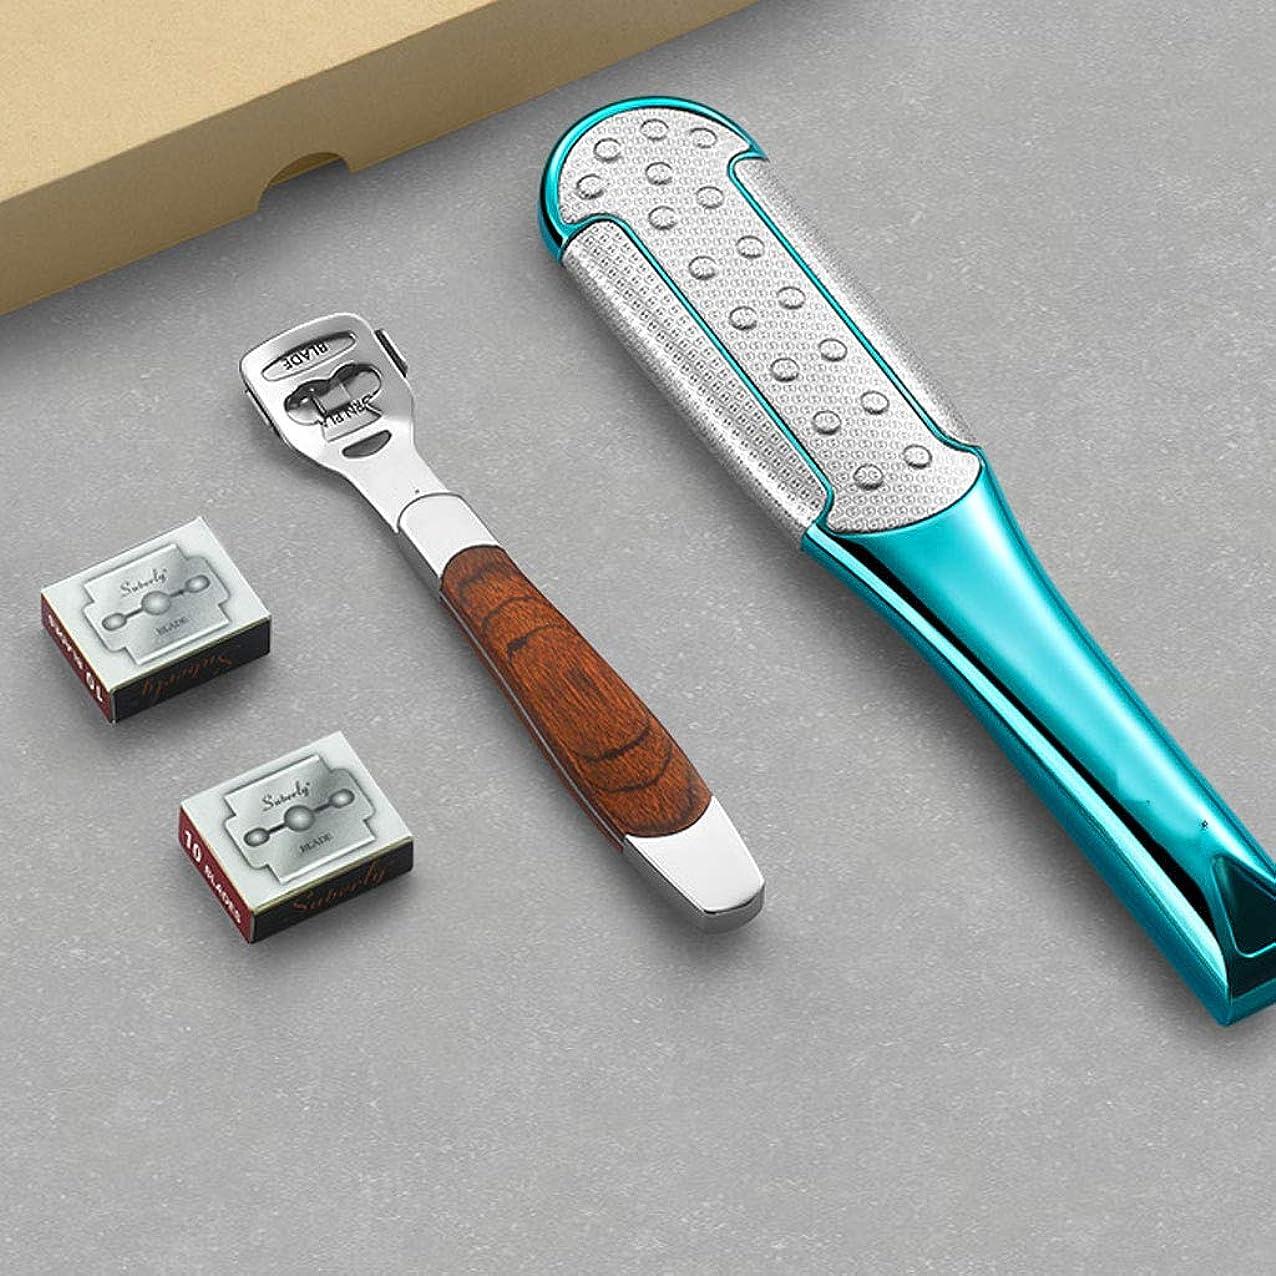 ラビリンス掘る水銀のプロフェッショナルペディキュアキットフットファイルセット、ステンレスフットファイル剥離、きれいな足の死んだ皮膚ツールキット爪足爪クリッパーフットケアキットを防ぐ